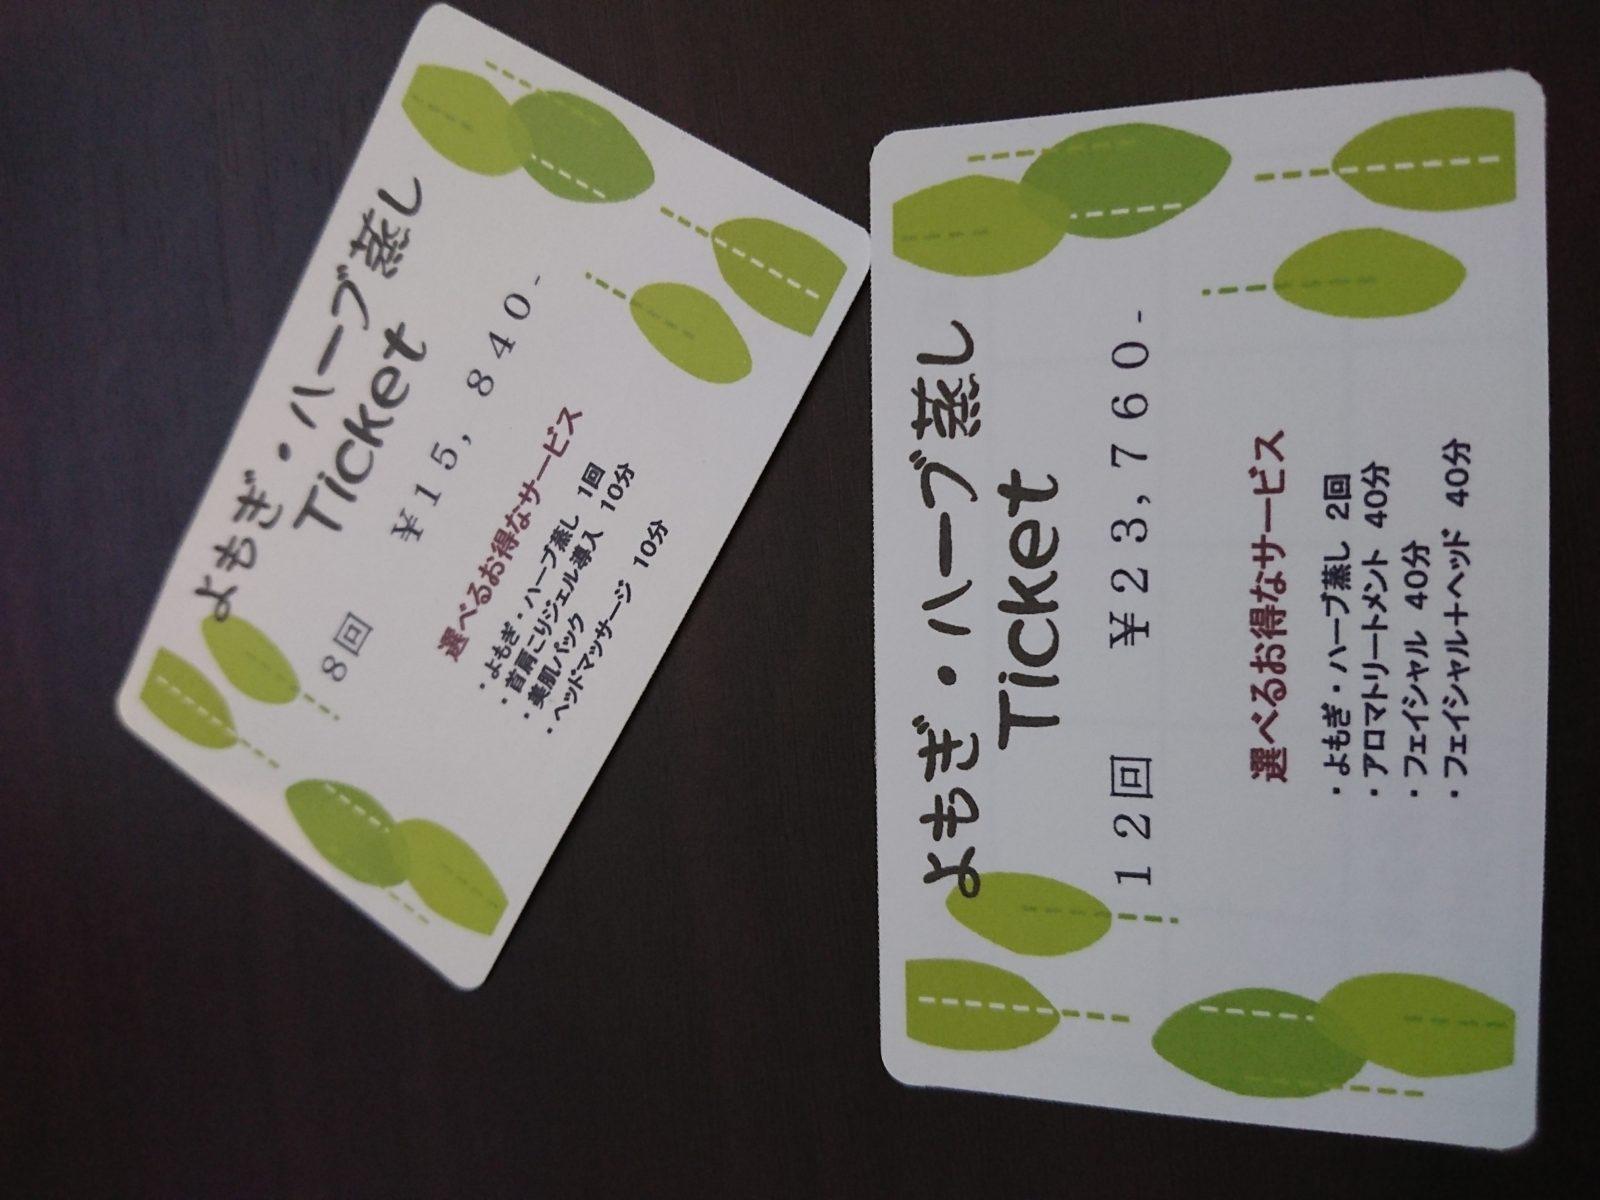 19-05-22-17-10-56-879_photo